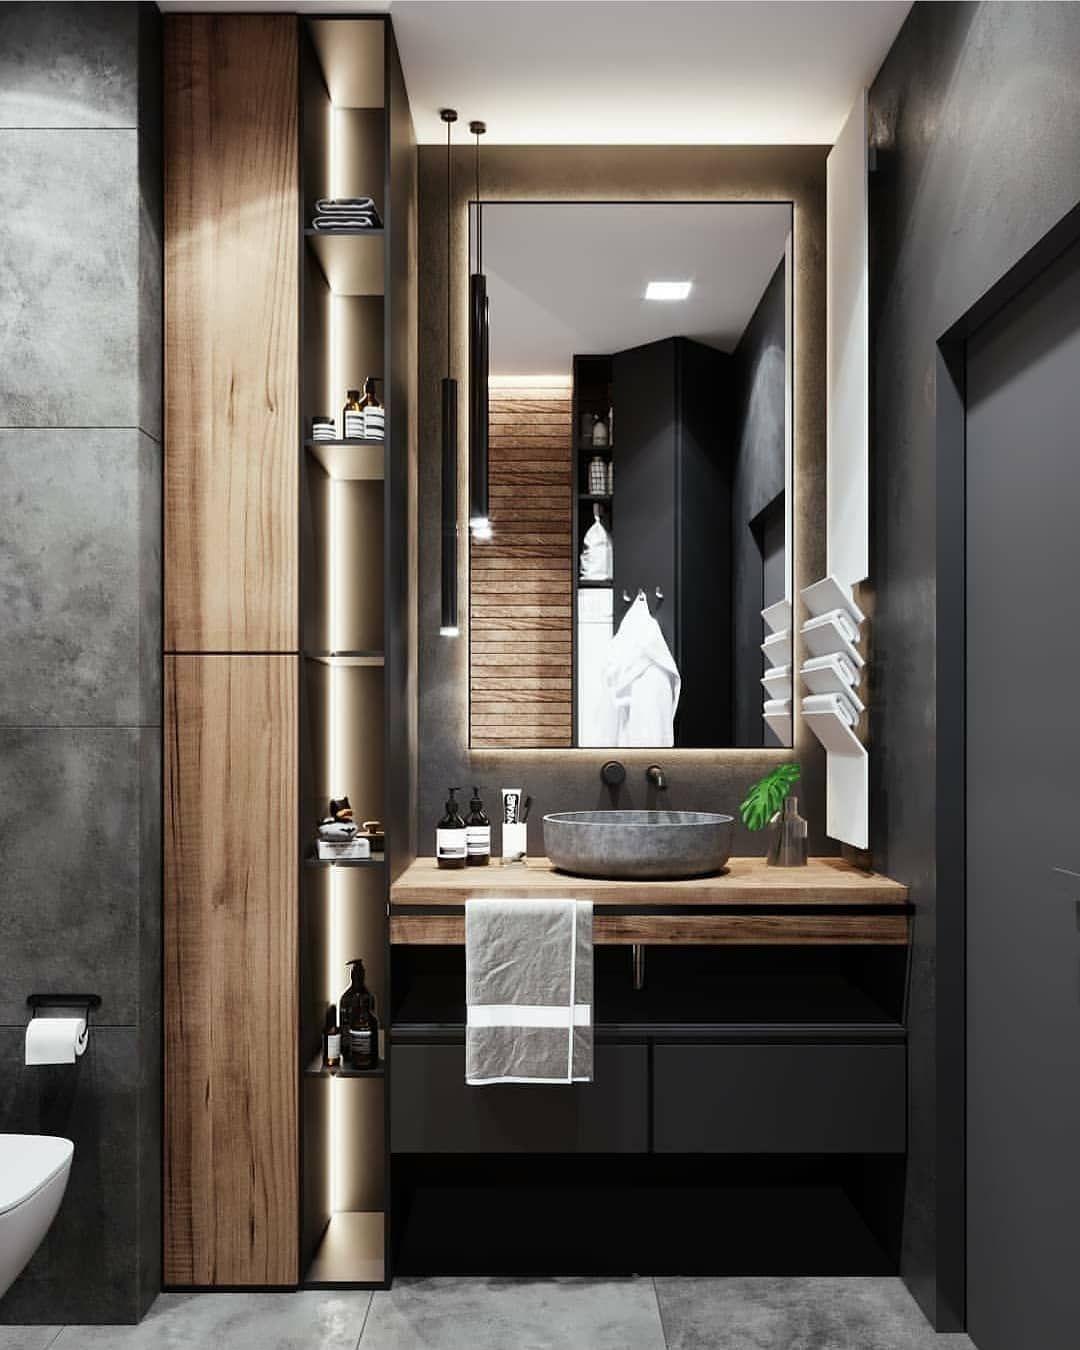 home accessories Grey interior design - HOME DECOR & DESIGN on